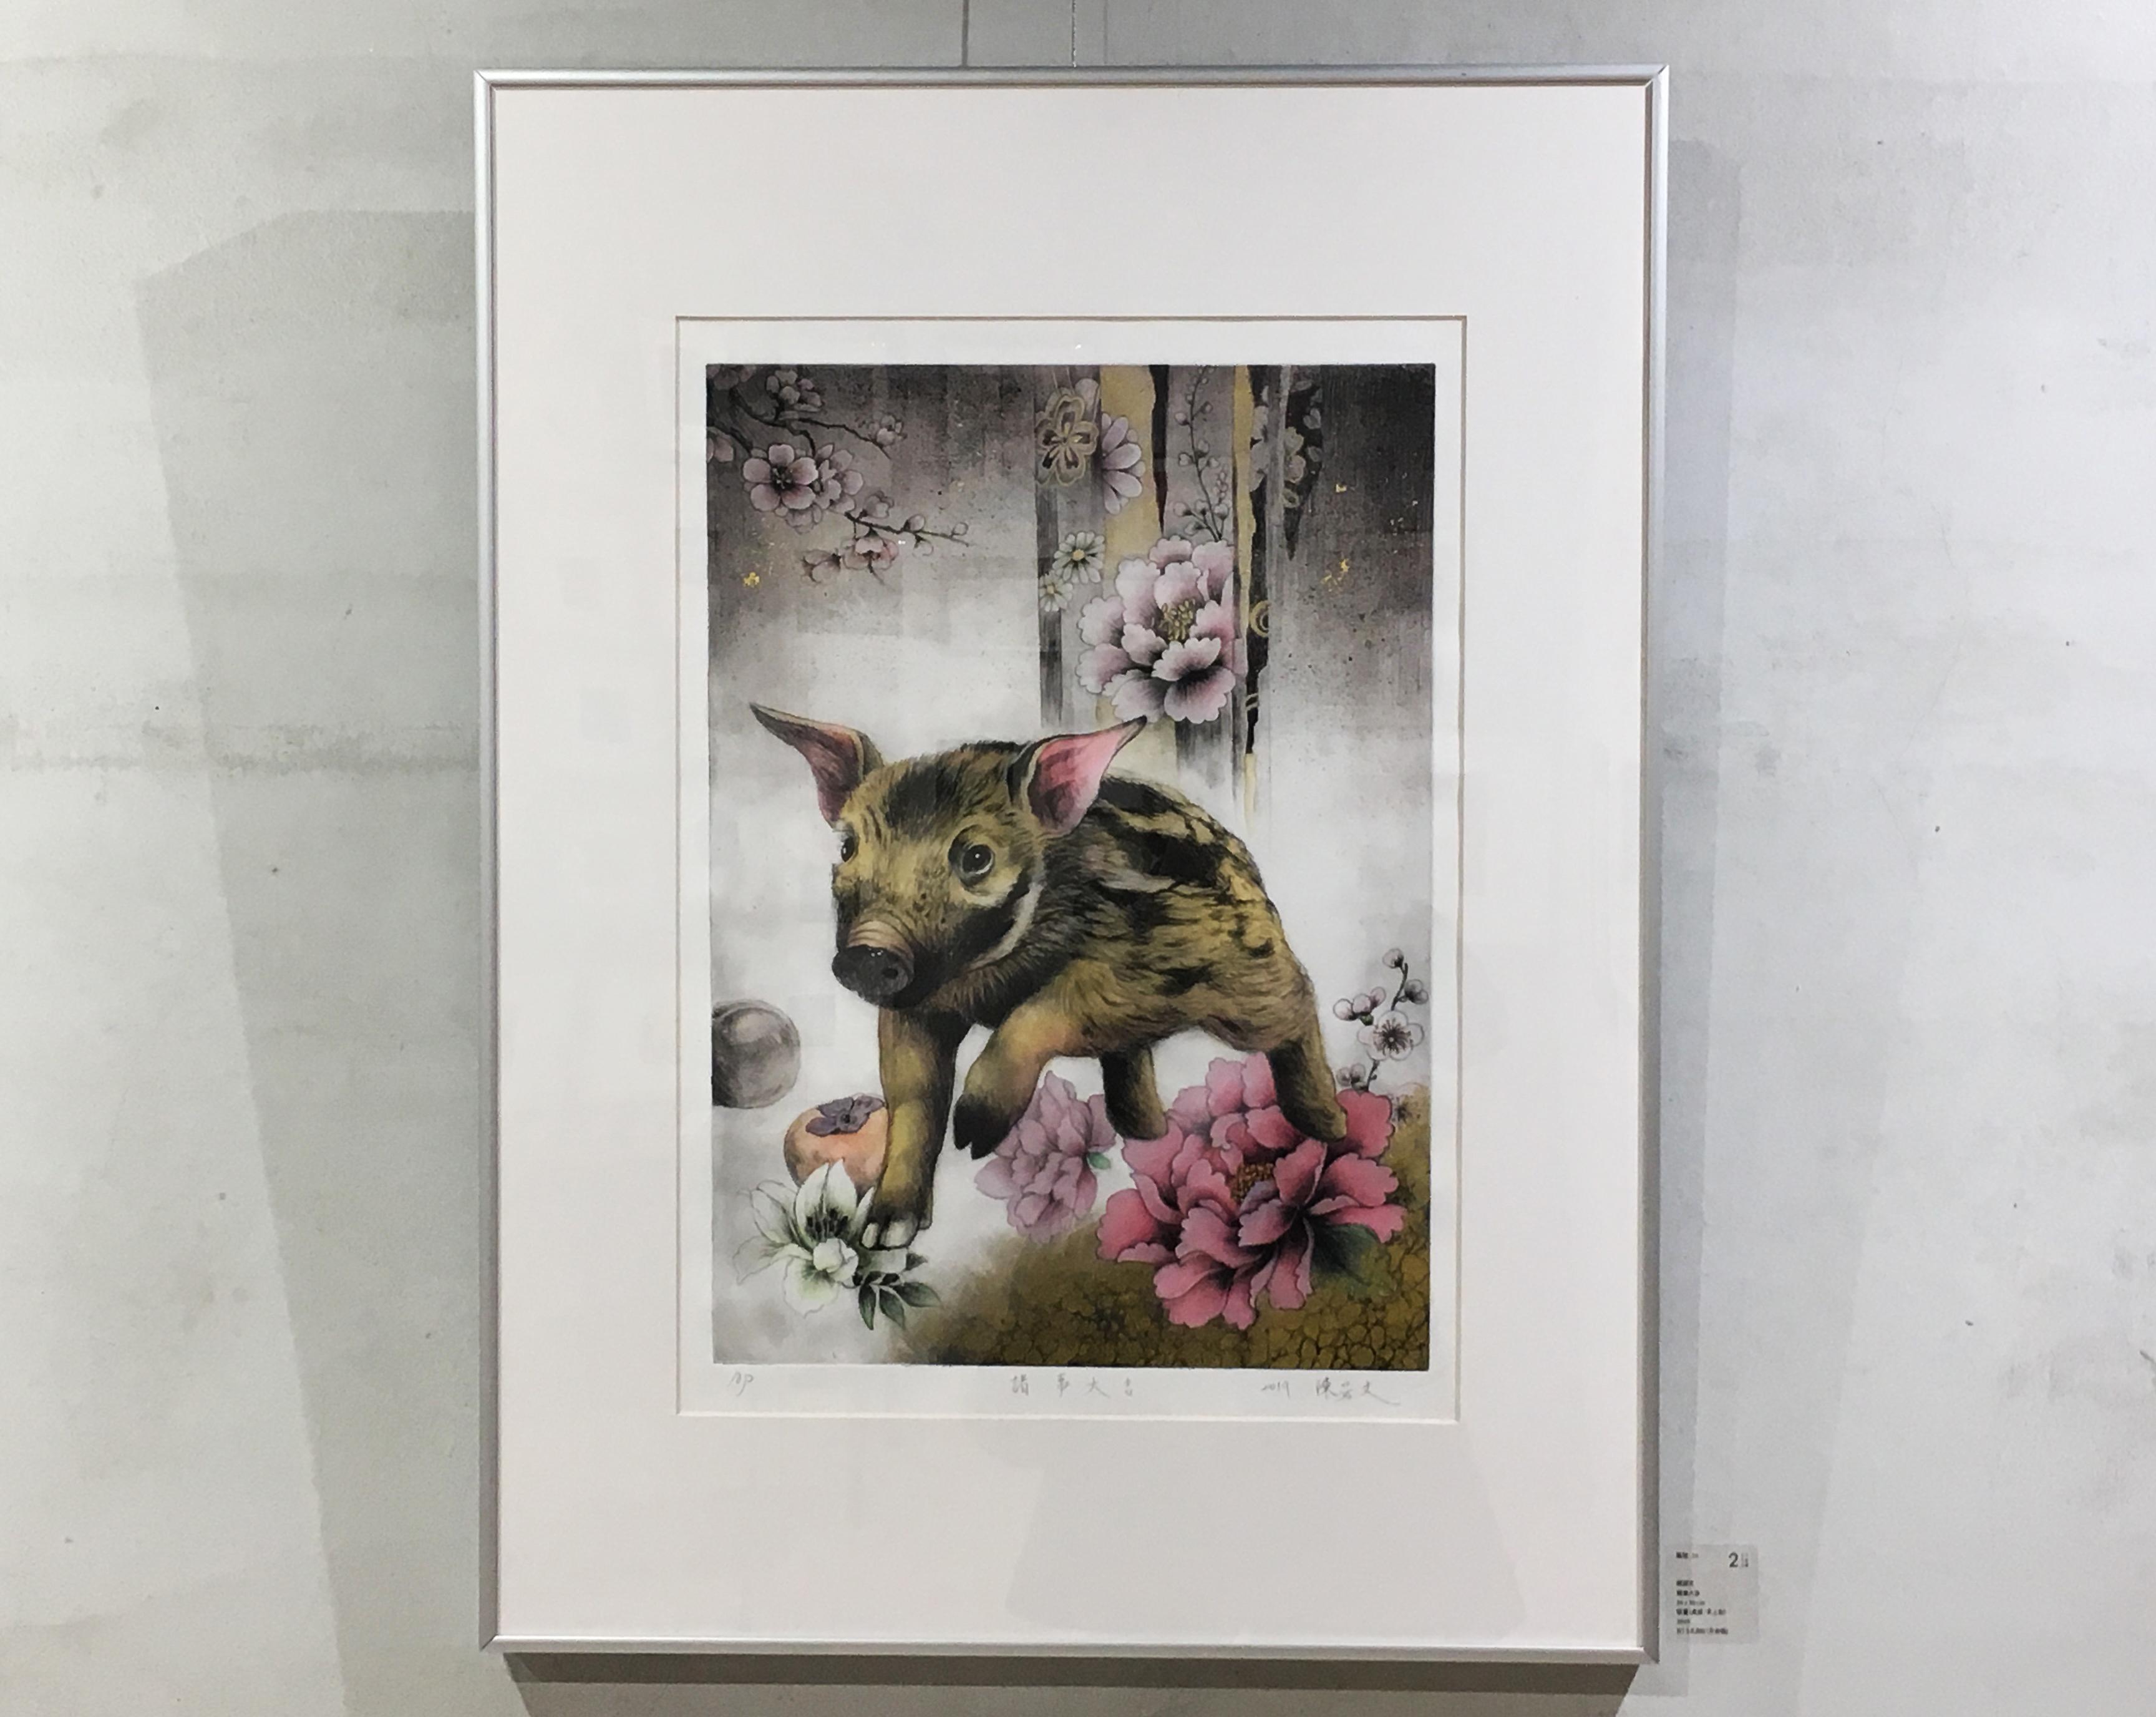 柯巧惠,《瑞犬迎新報年豐》,54 X 39cm,版畫(彩色平版),2017。